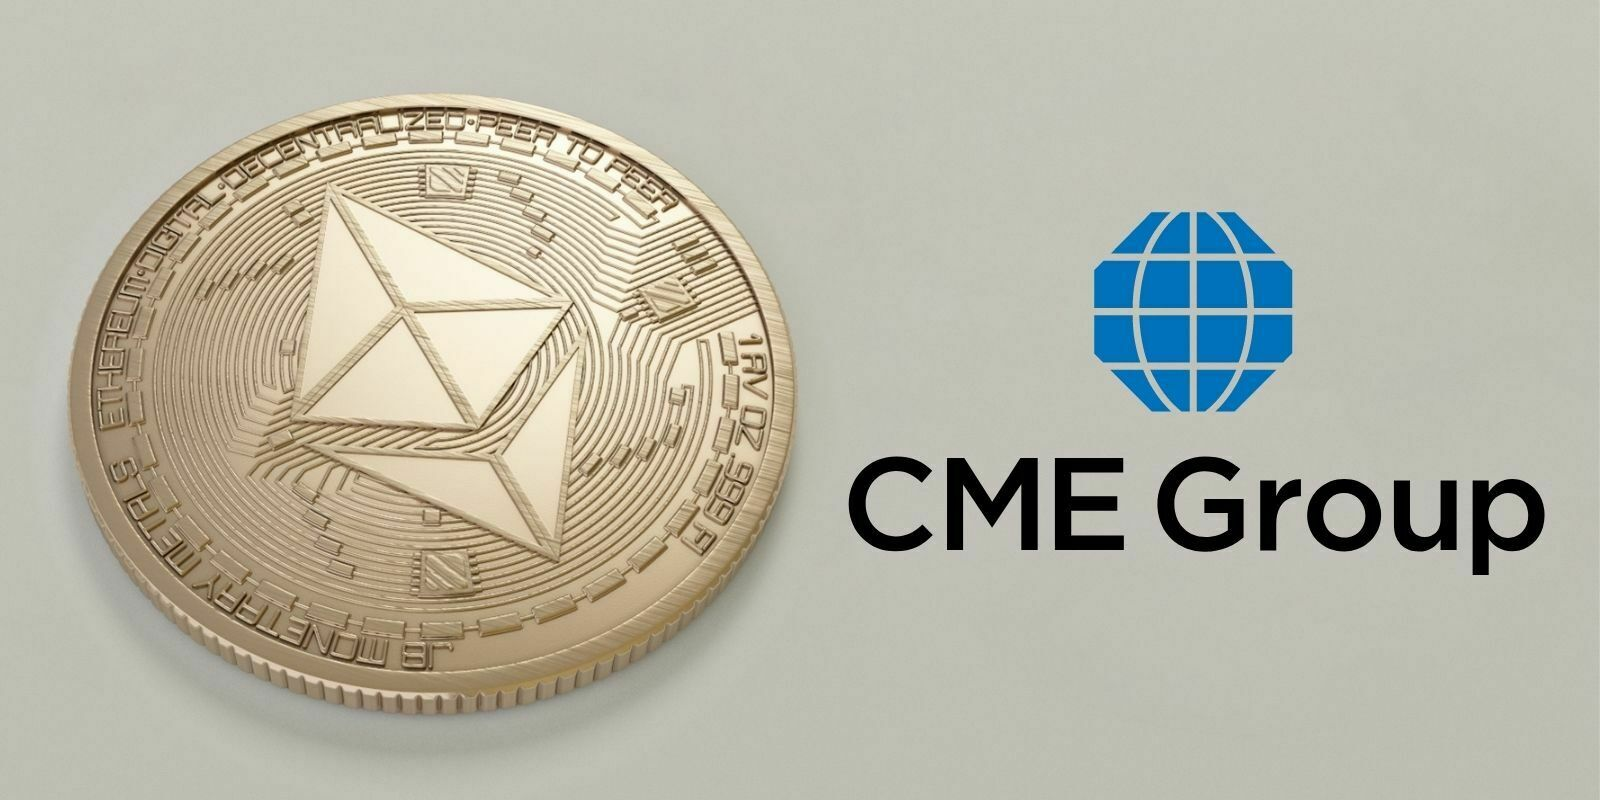 L'introduction de l'Ether (ETH) sur CME, ça change quoi ?